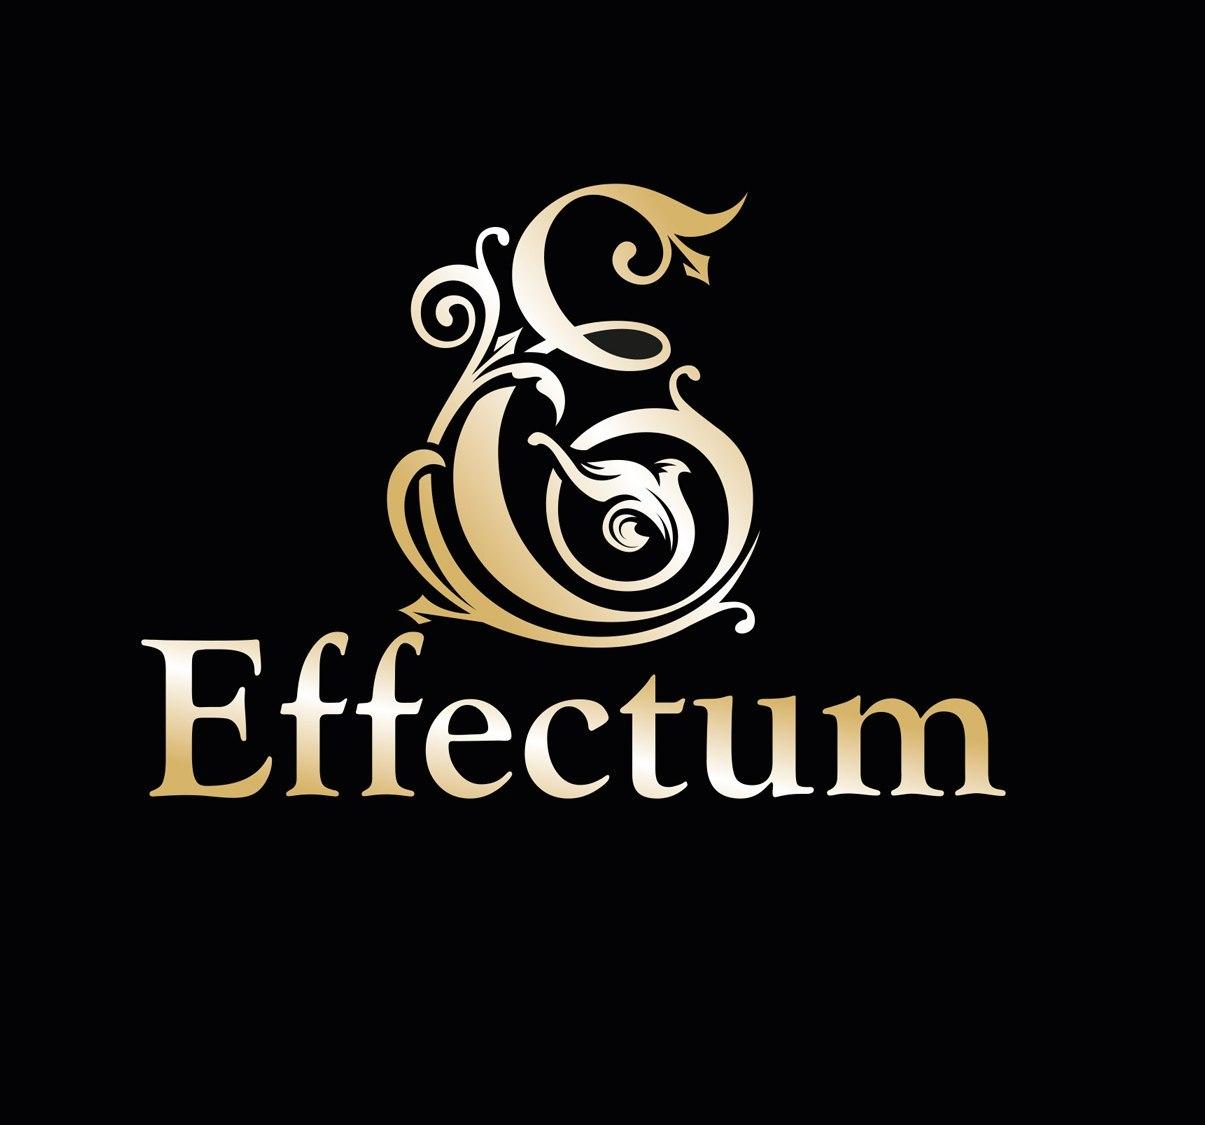 Effectum